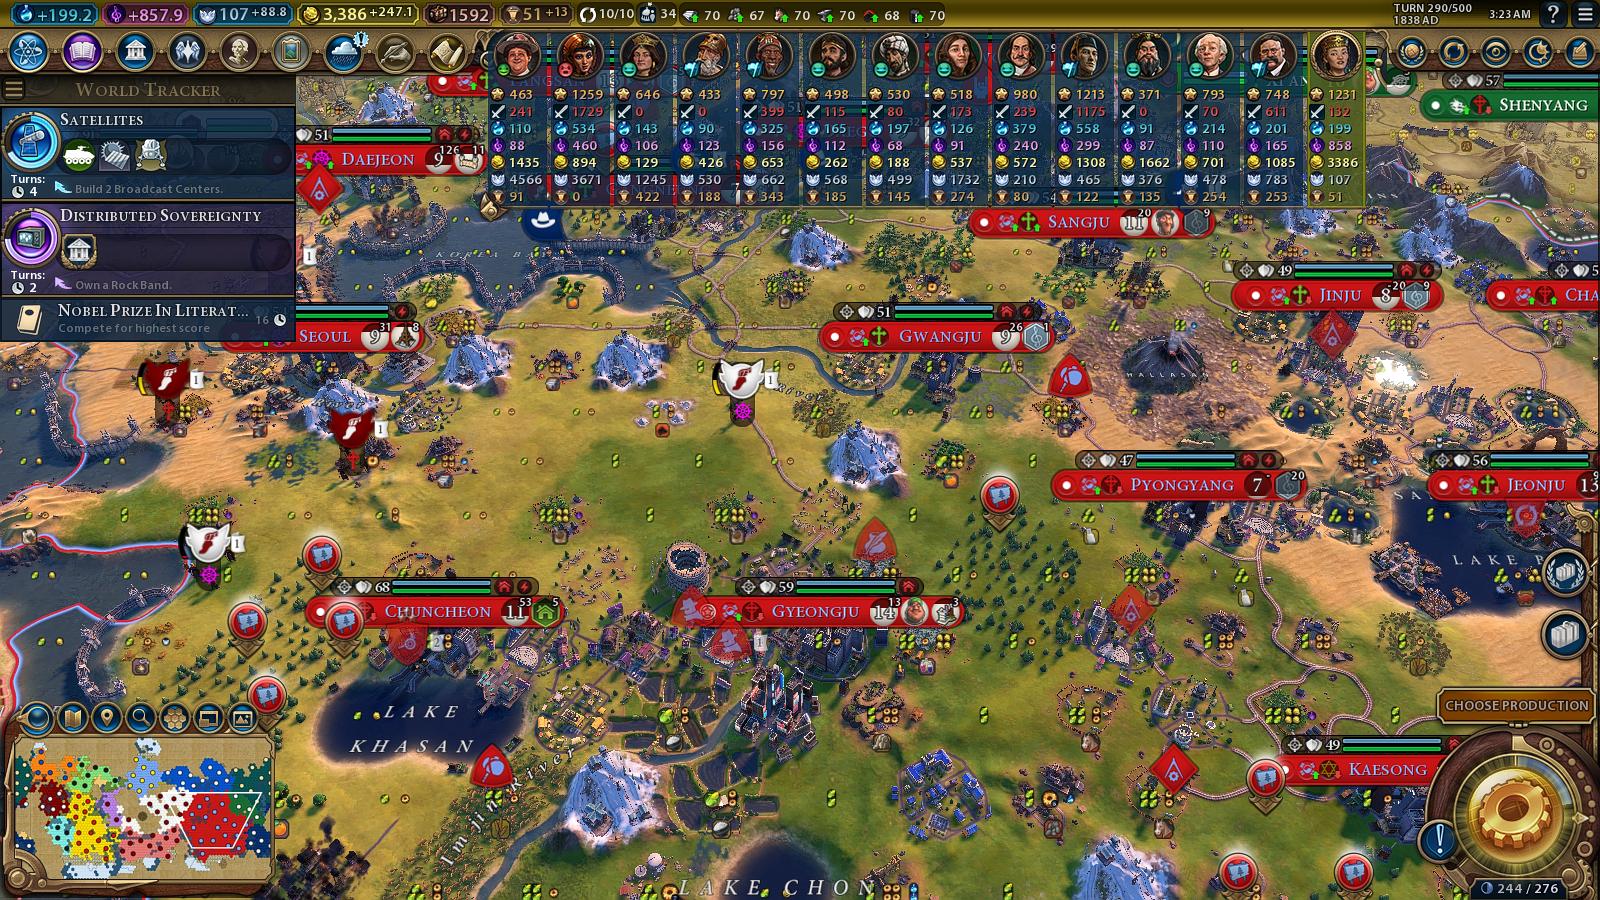 Sid Meier's Civilization VI Screenshot 2021.02.04 - 03.23.08.60.png